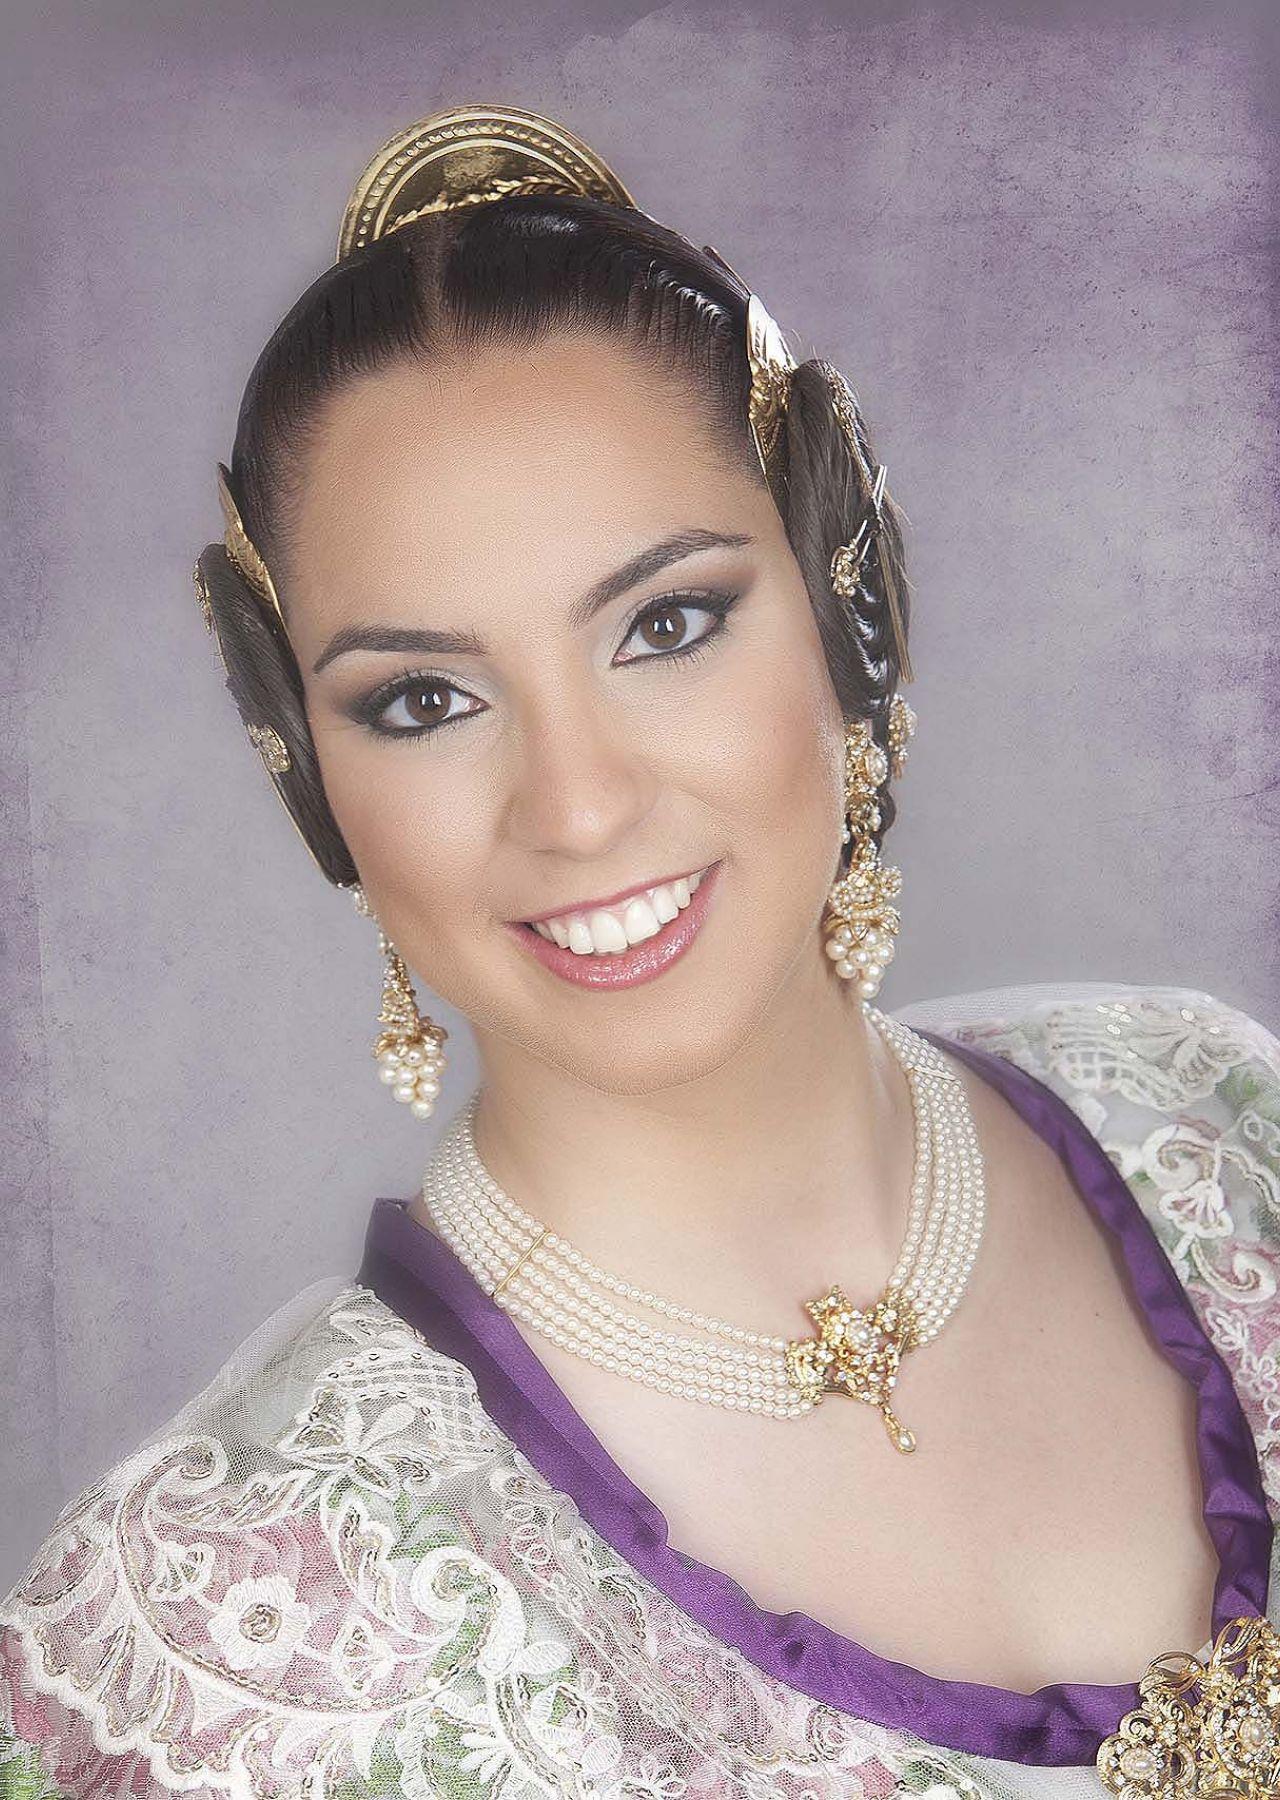 Natalia Quintana Moran